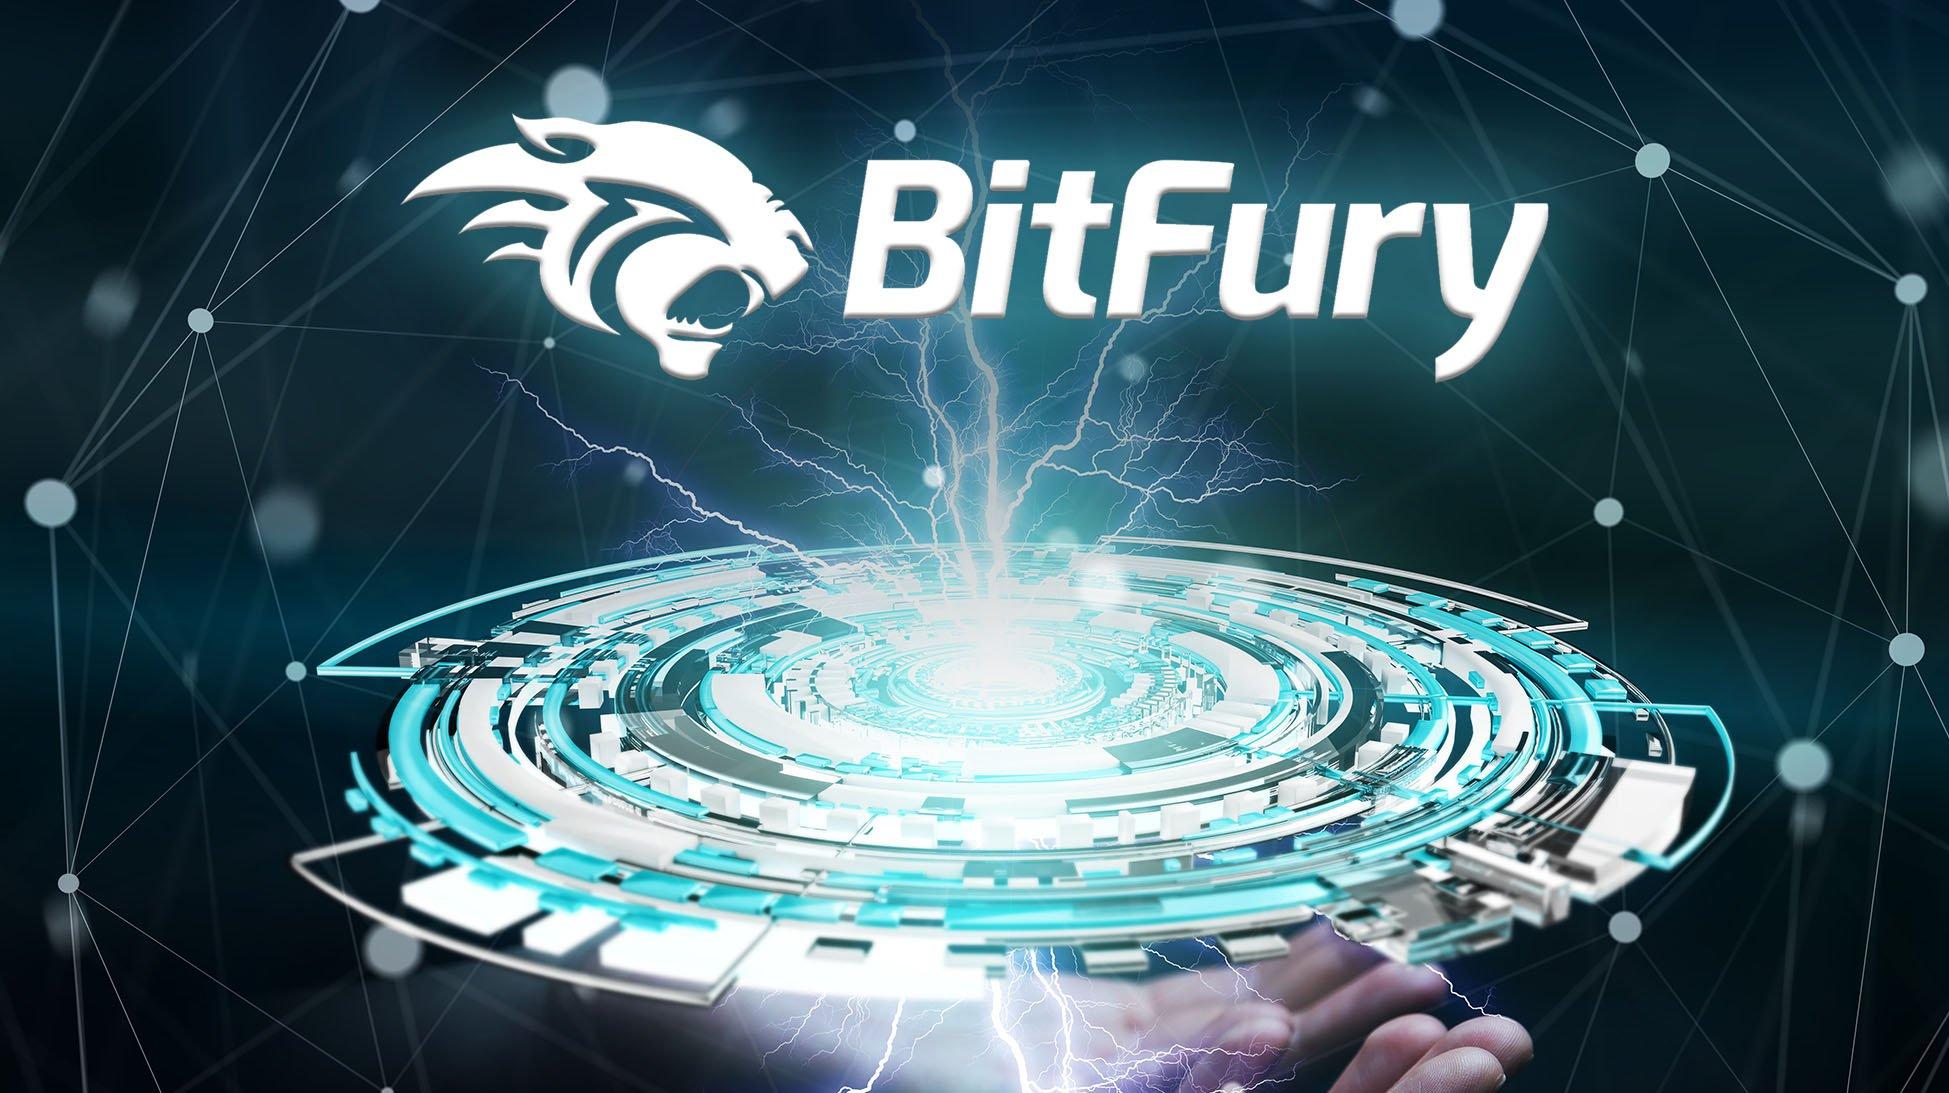 Bitmain | Bitfury | Crypto Mining Company | IPO